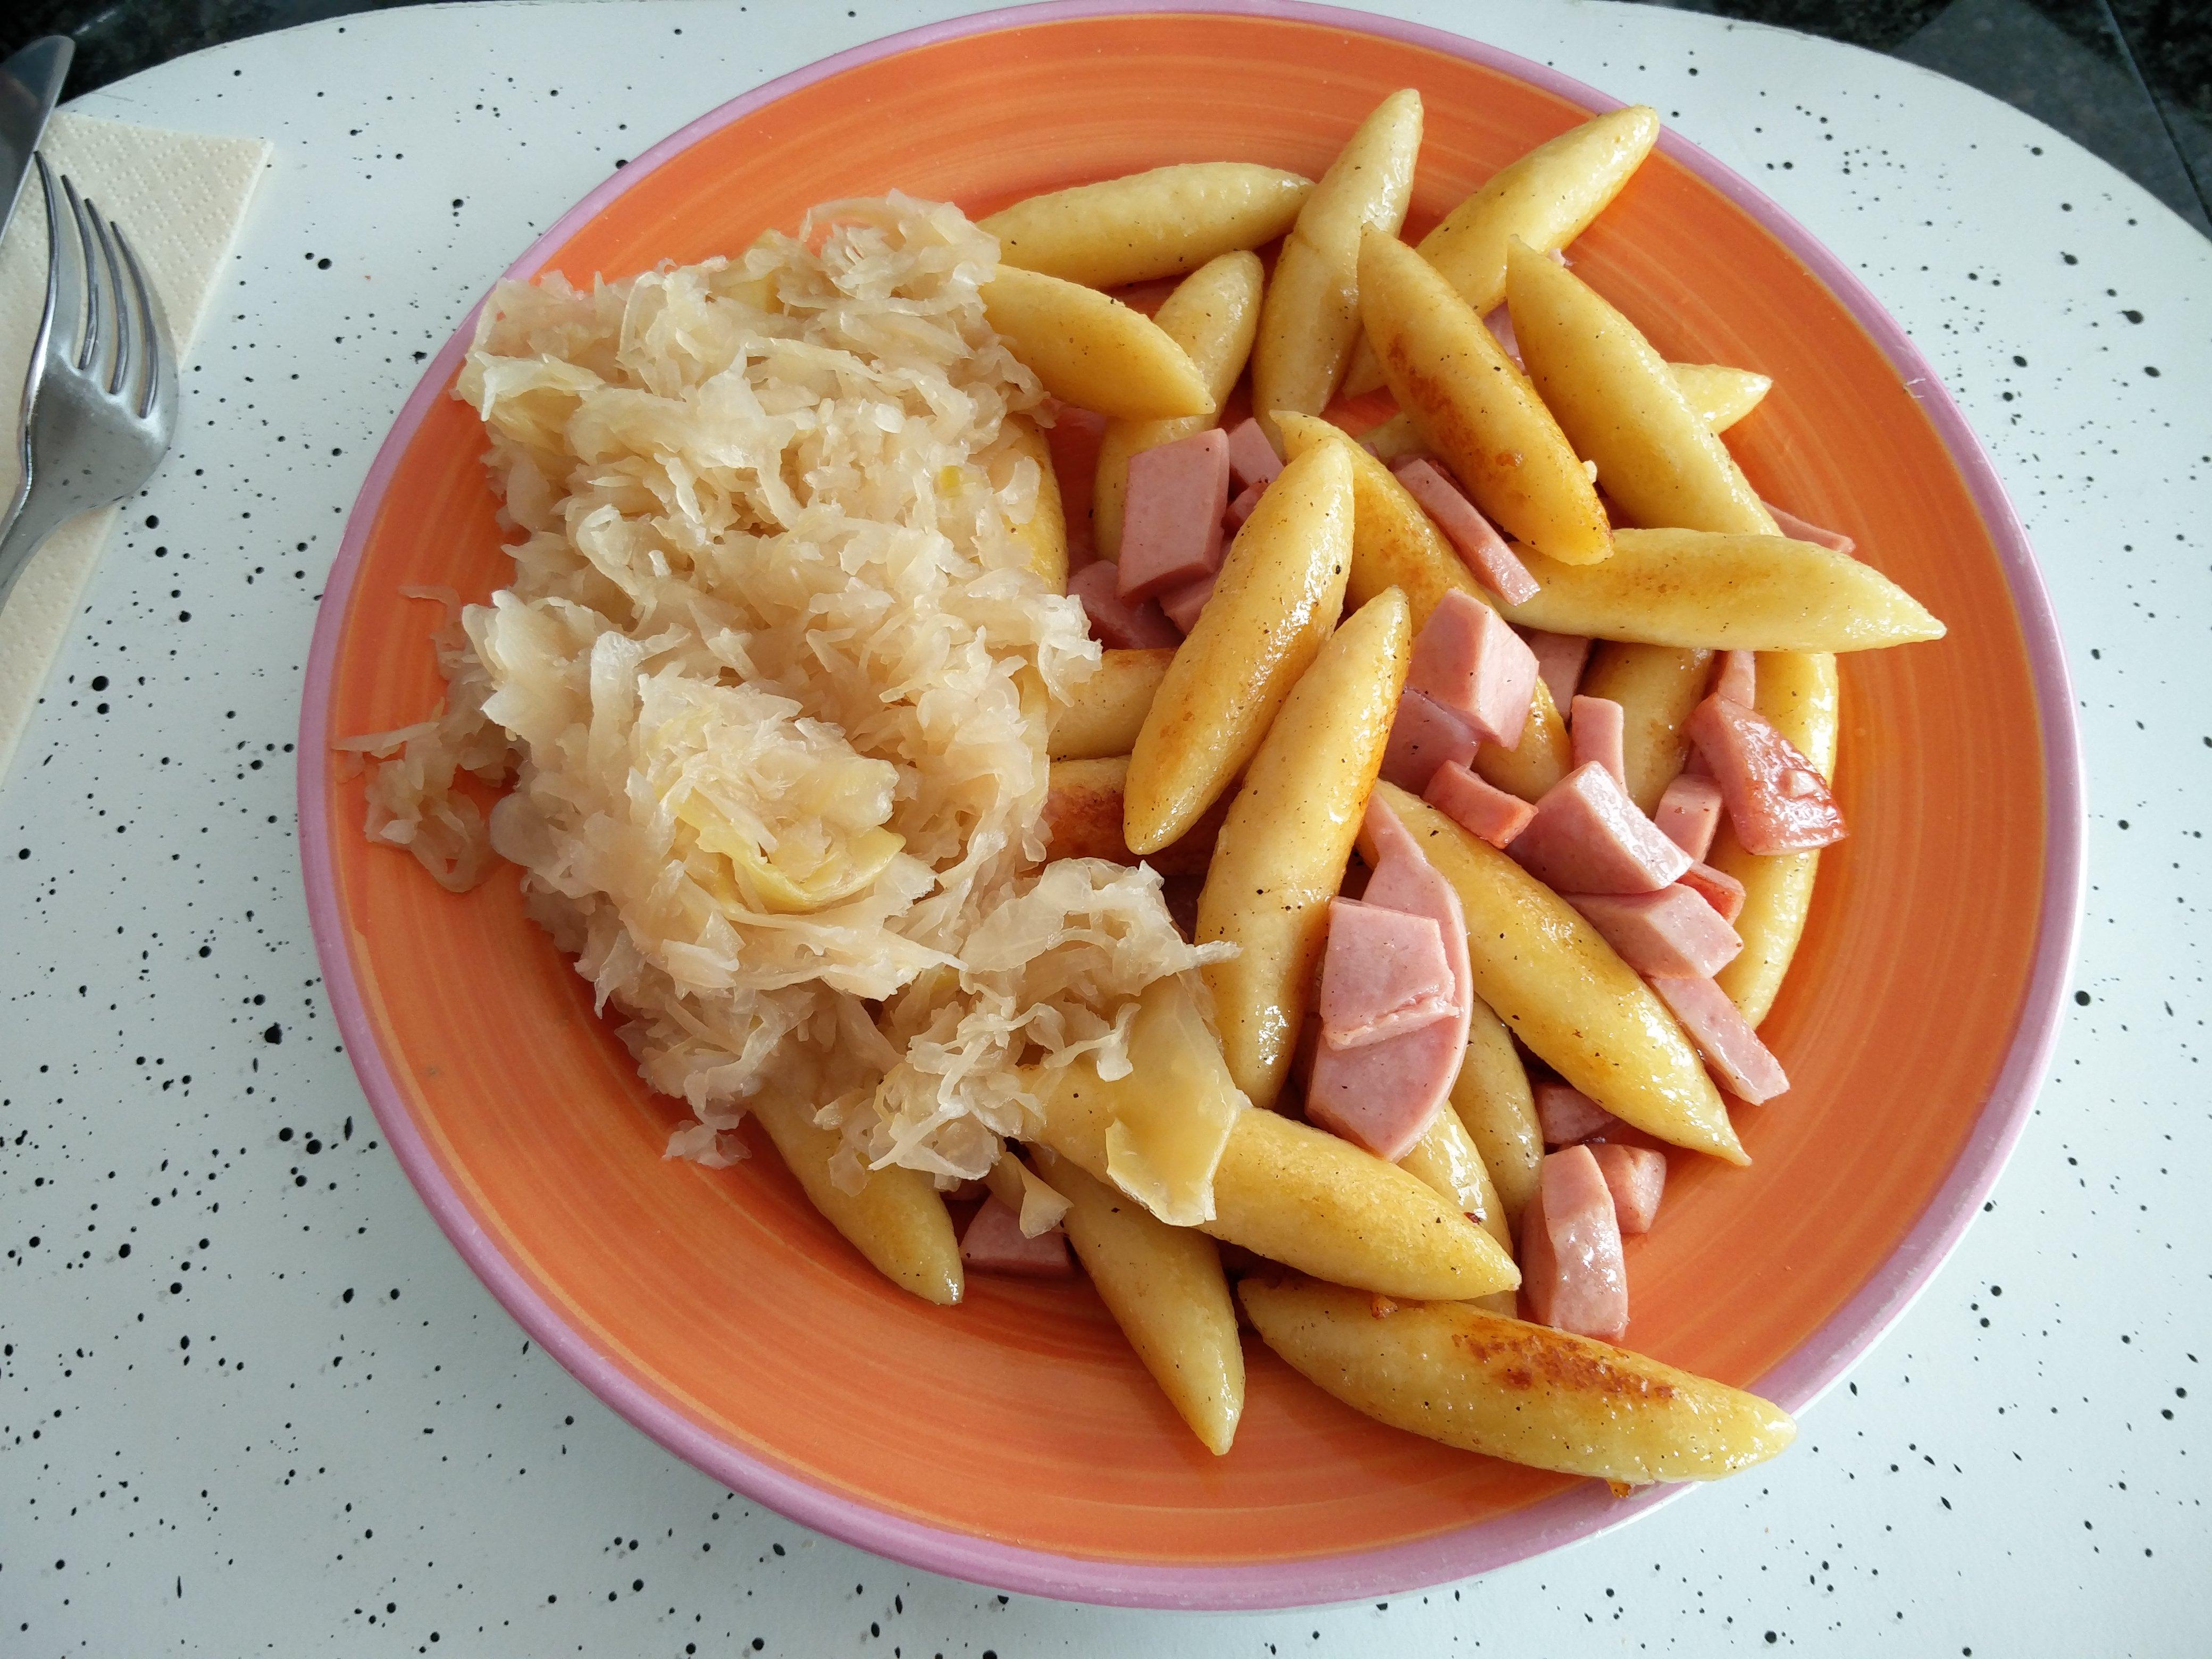 http://foodloader.net/nico_2016-05-27_schupfnudeln-mit-fleischwurst-und-sauerkraut.jpg